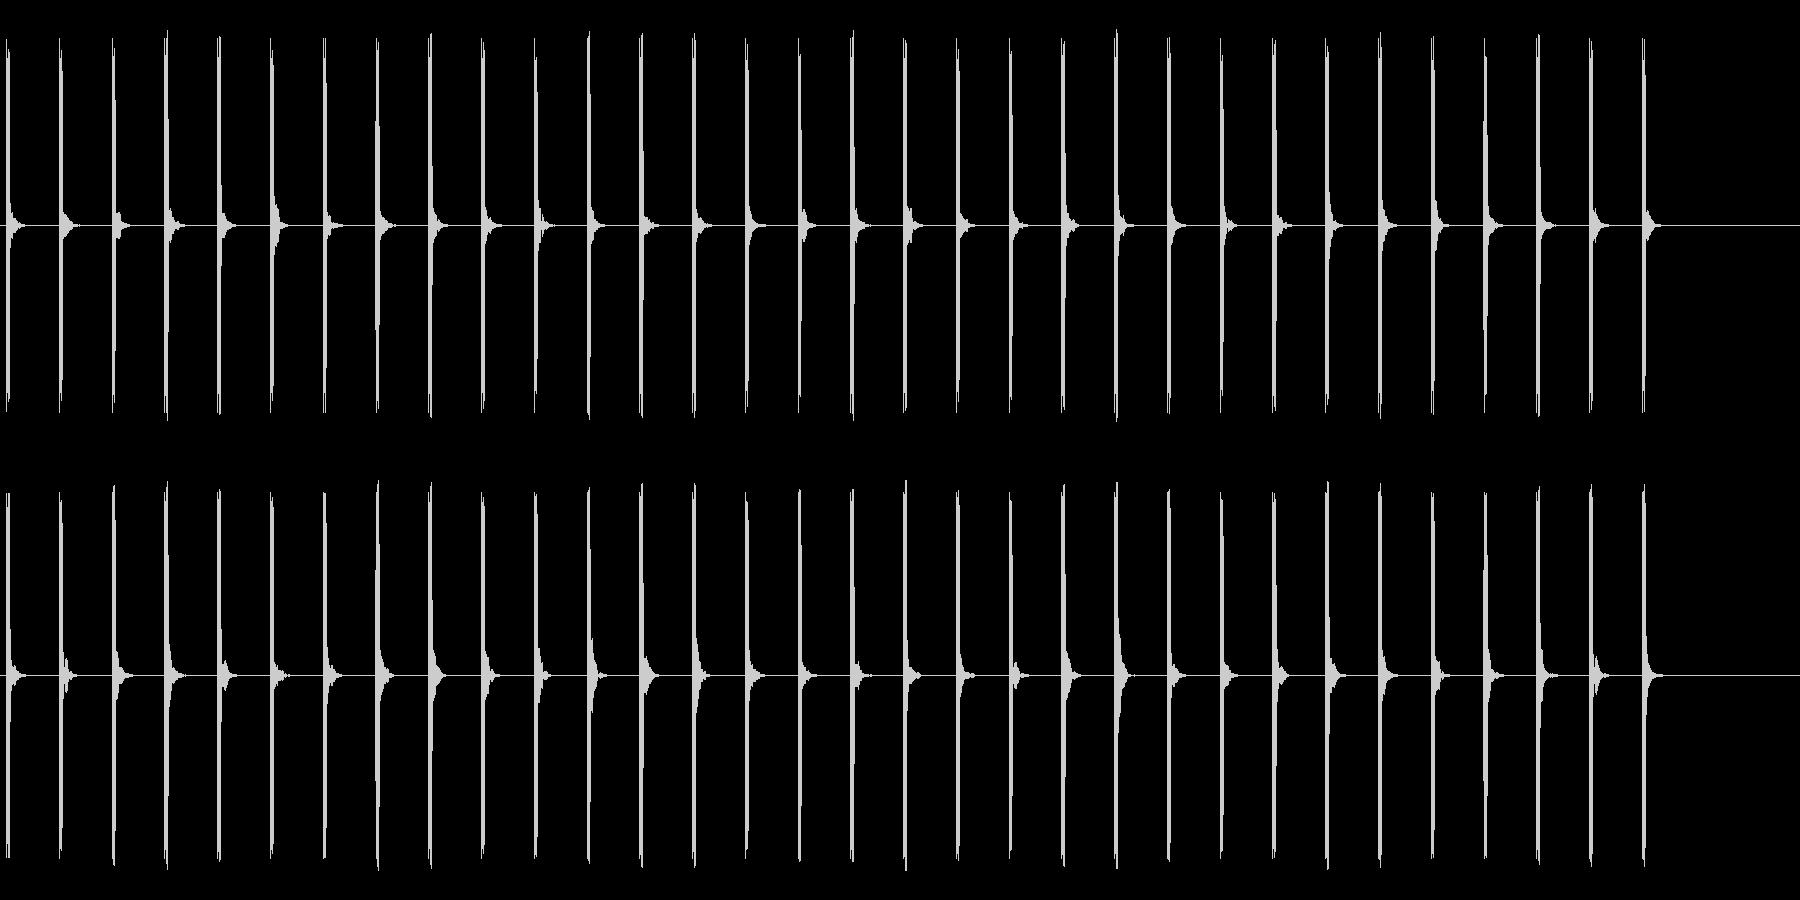 心電図の音-5-2(BPM50)の未再生の波形